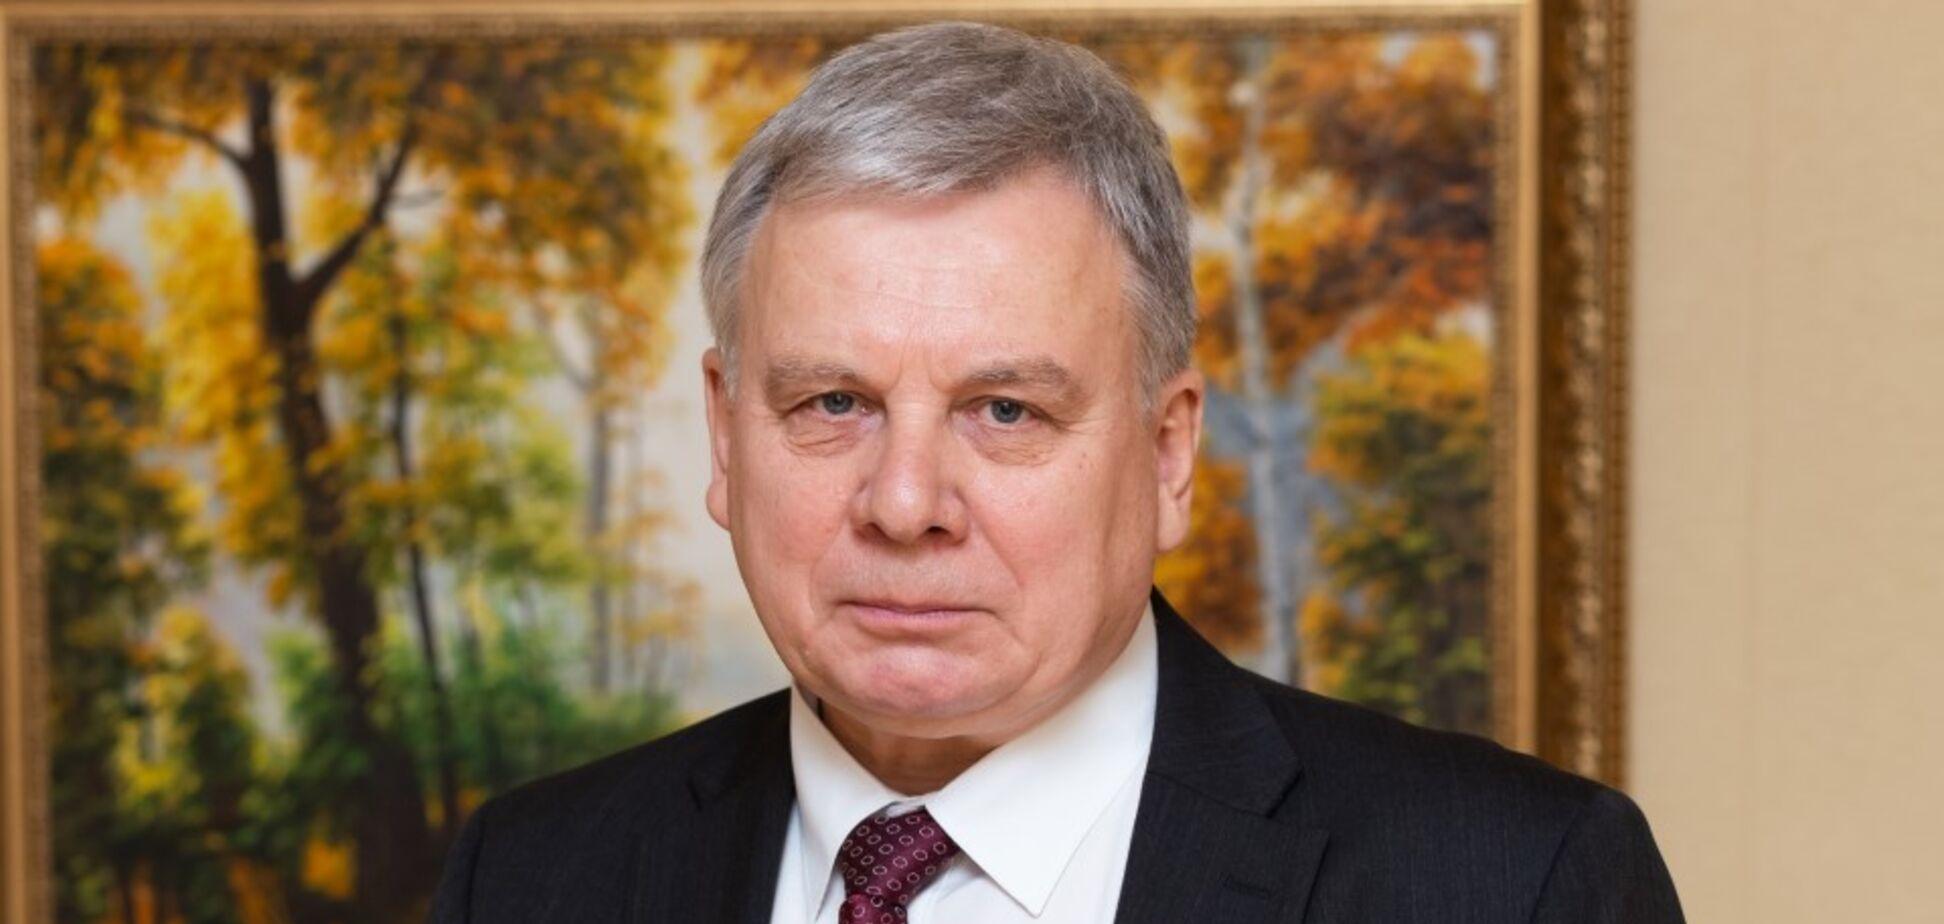 Зеленский сменит министра обороны: всплыли скандальные детали о кандидате